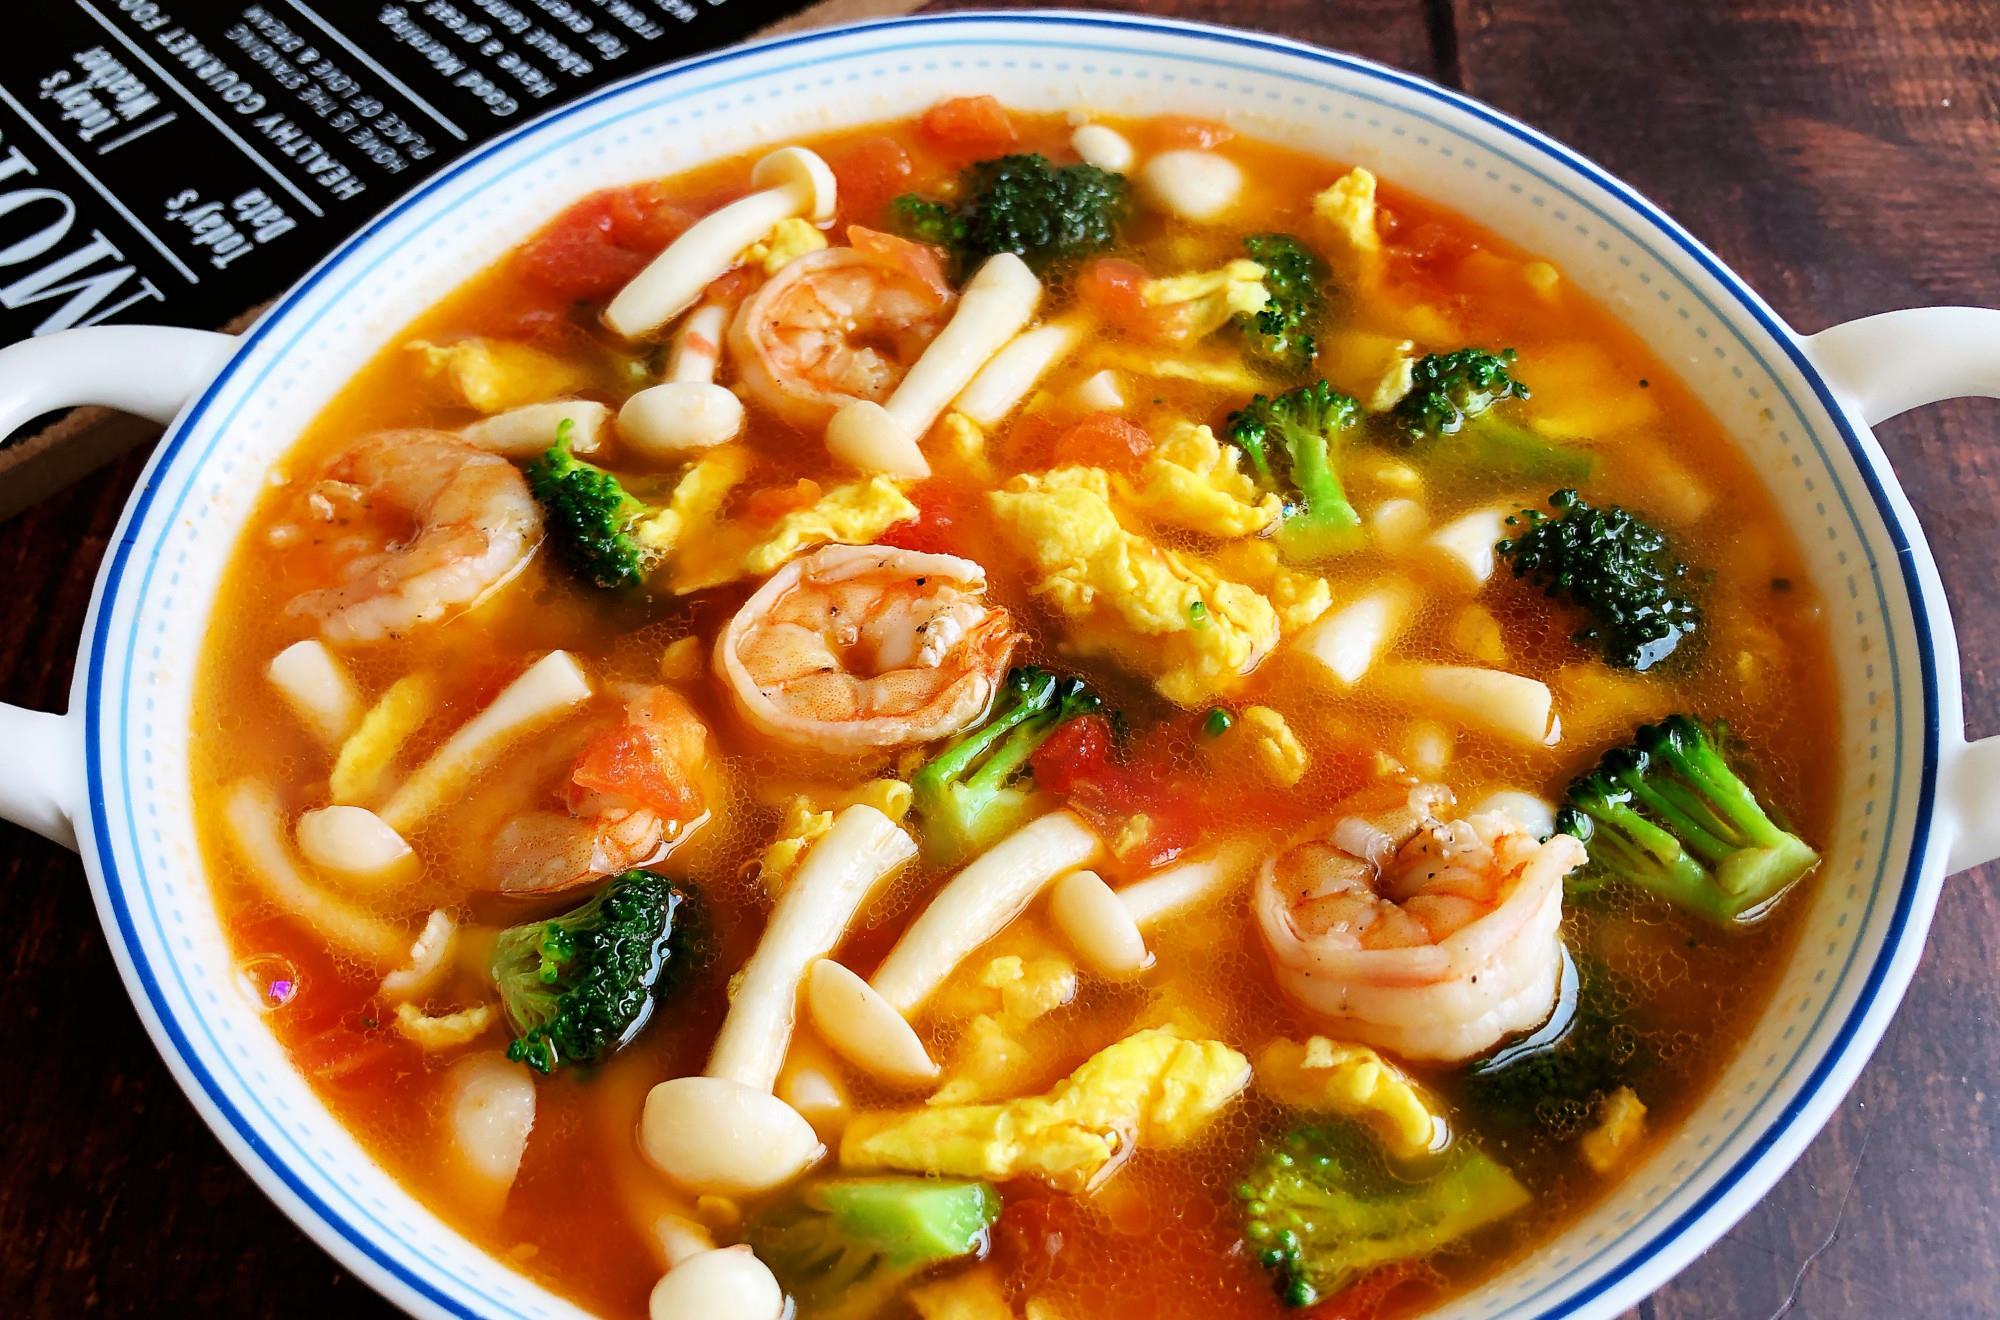 脂肪最怕这道菜!像这样做成汤,鲜美无比巨酸爽,解馋吃不胖